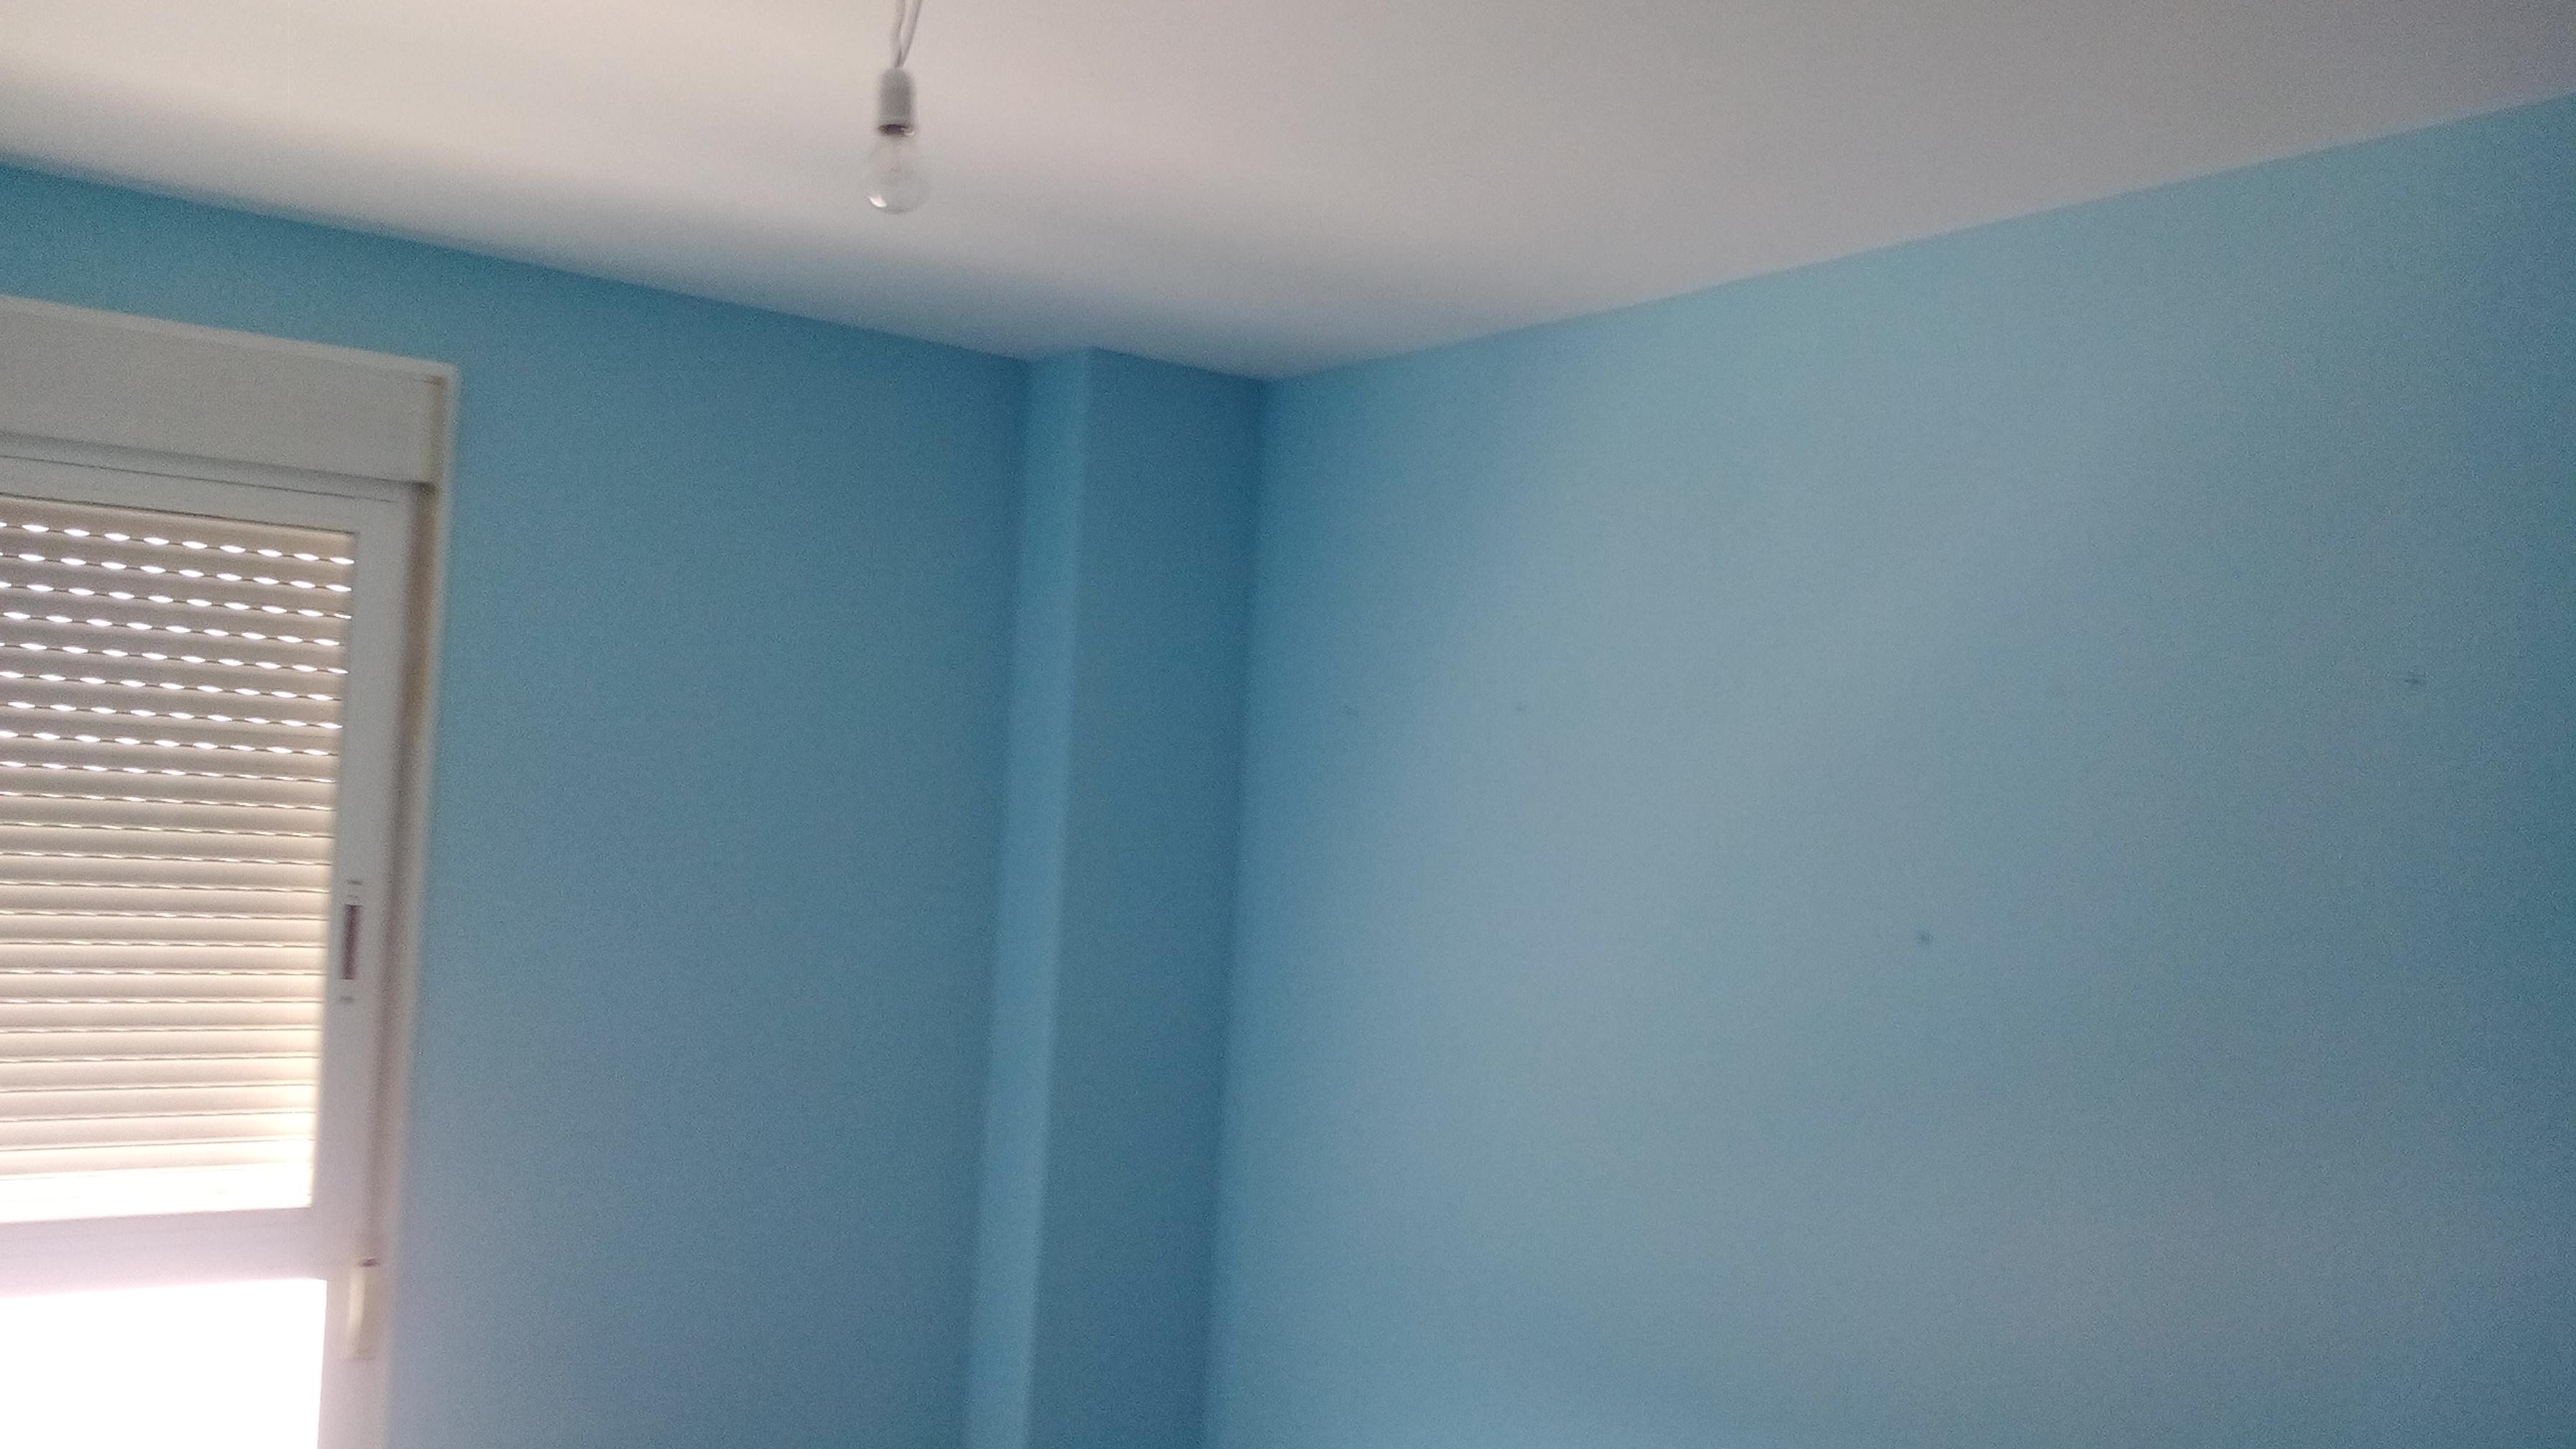 Plastico Sideral S-500 color azul (1)